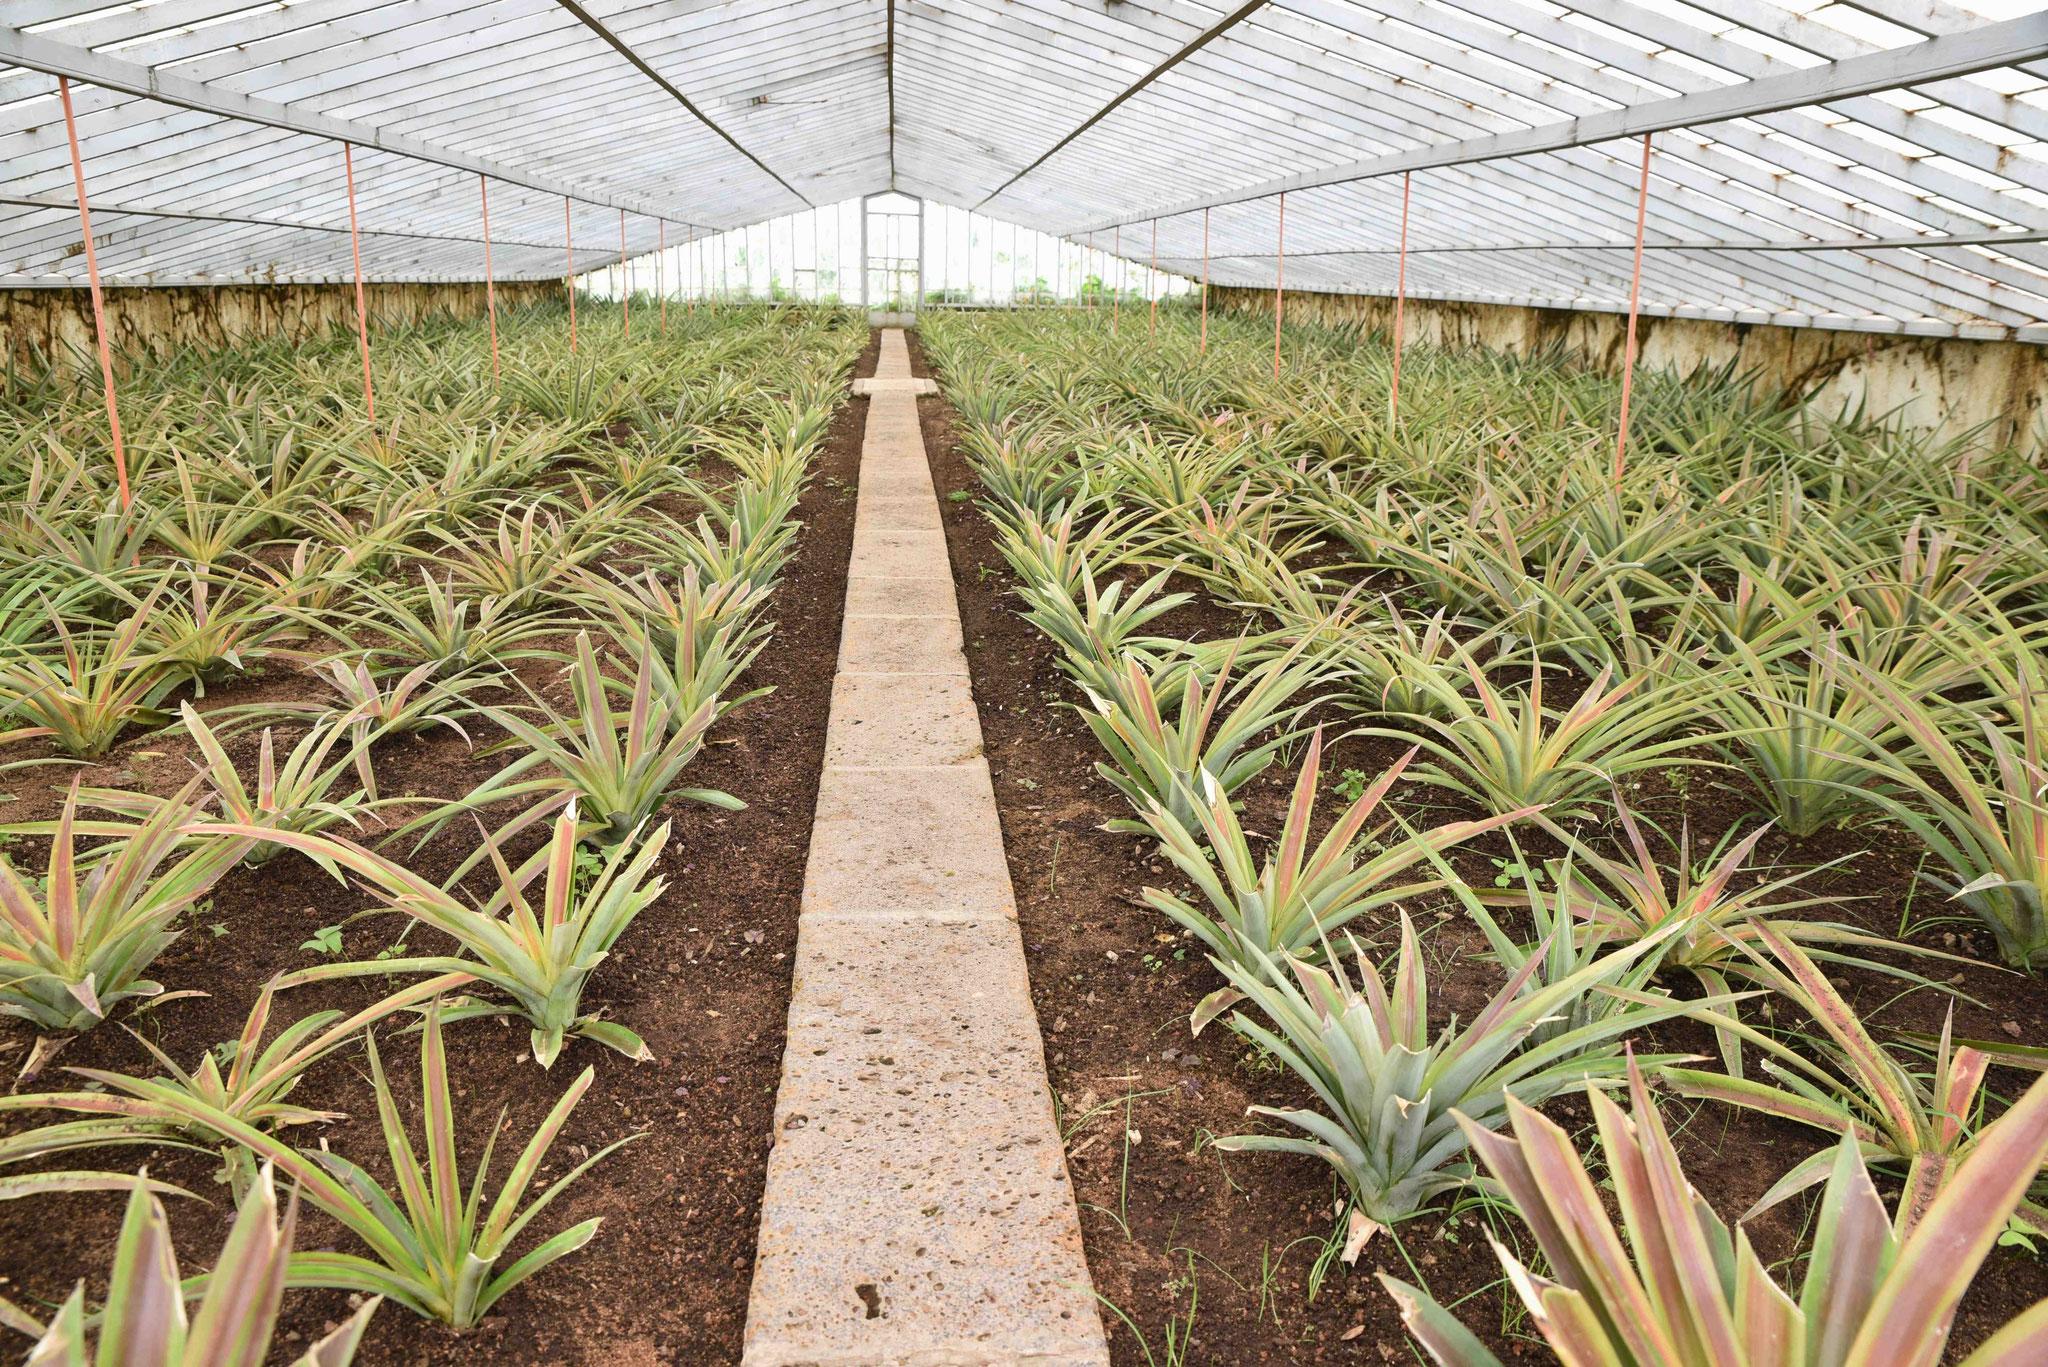 18 Monate dauert es bis die Ananas geerntet werden kann auf Sao Miguel